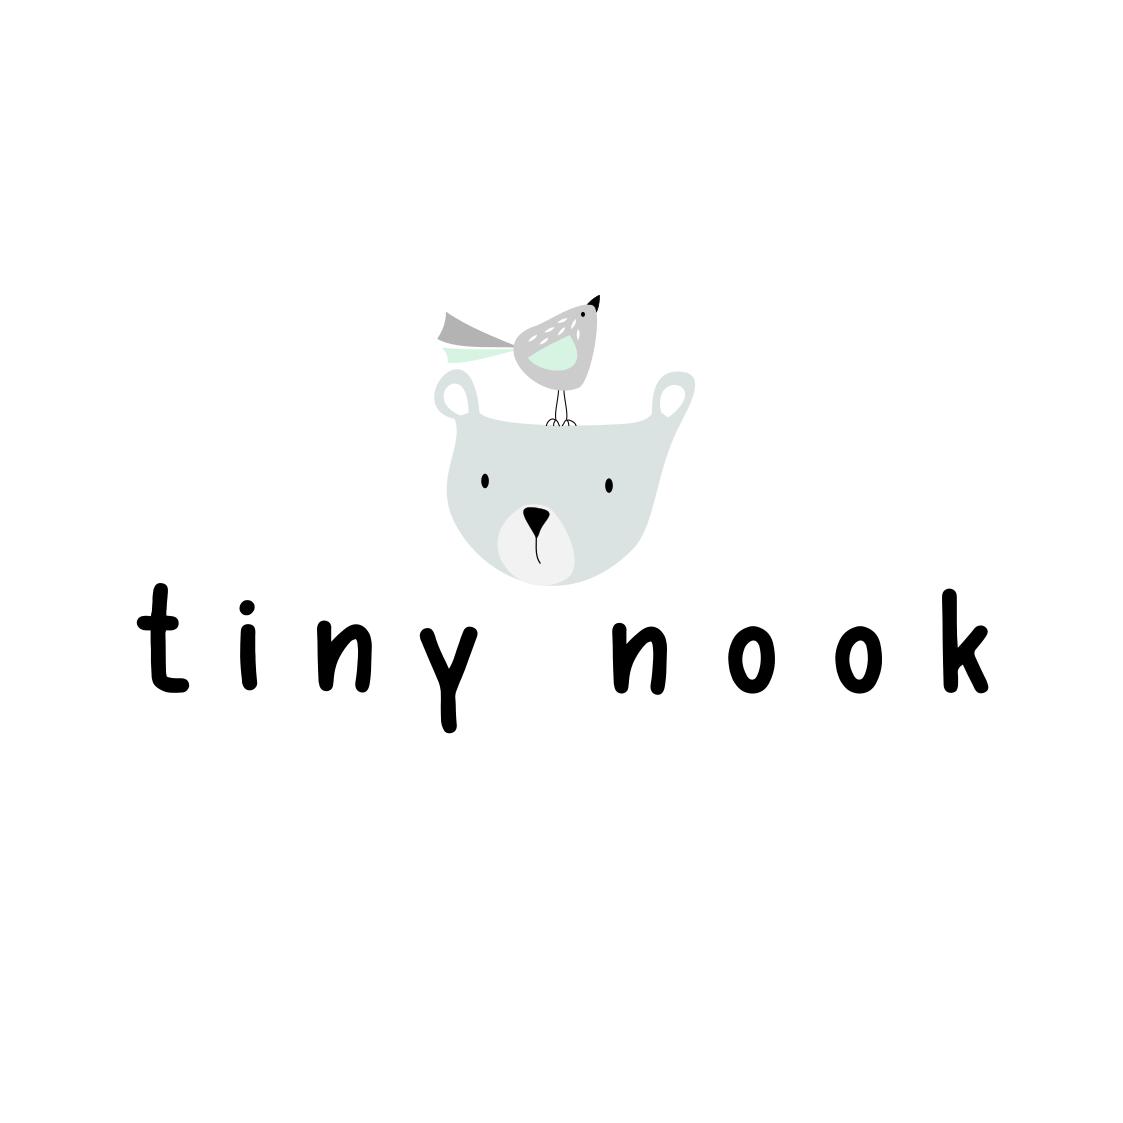 tiny nook 1